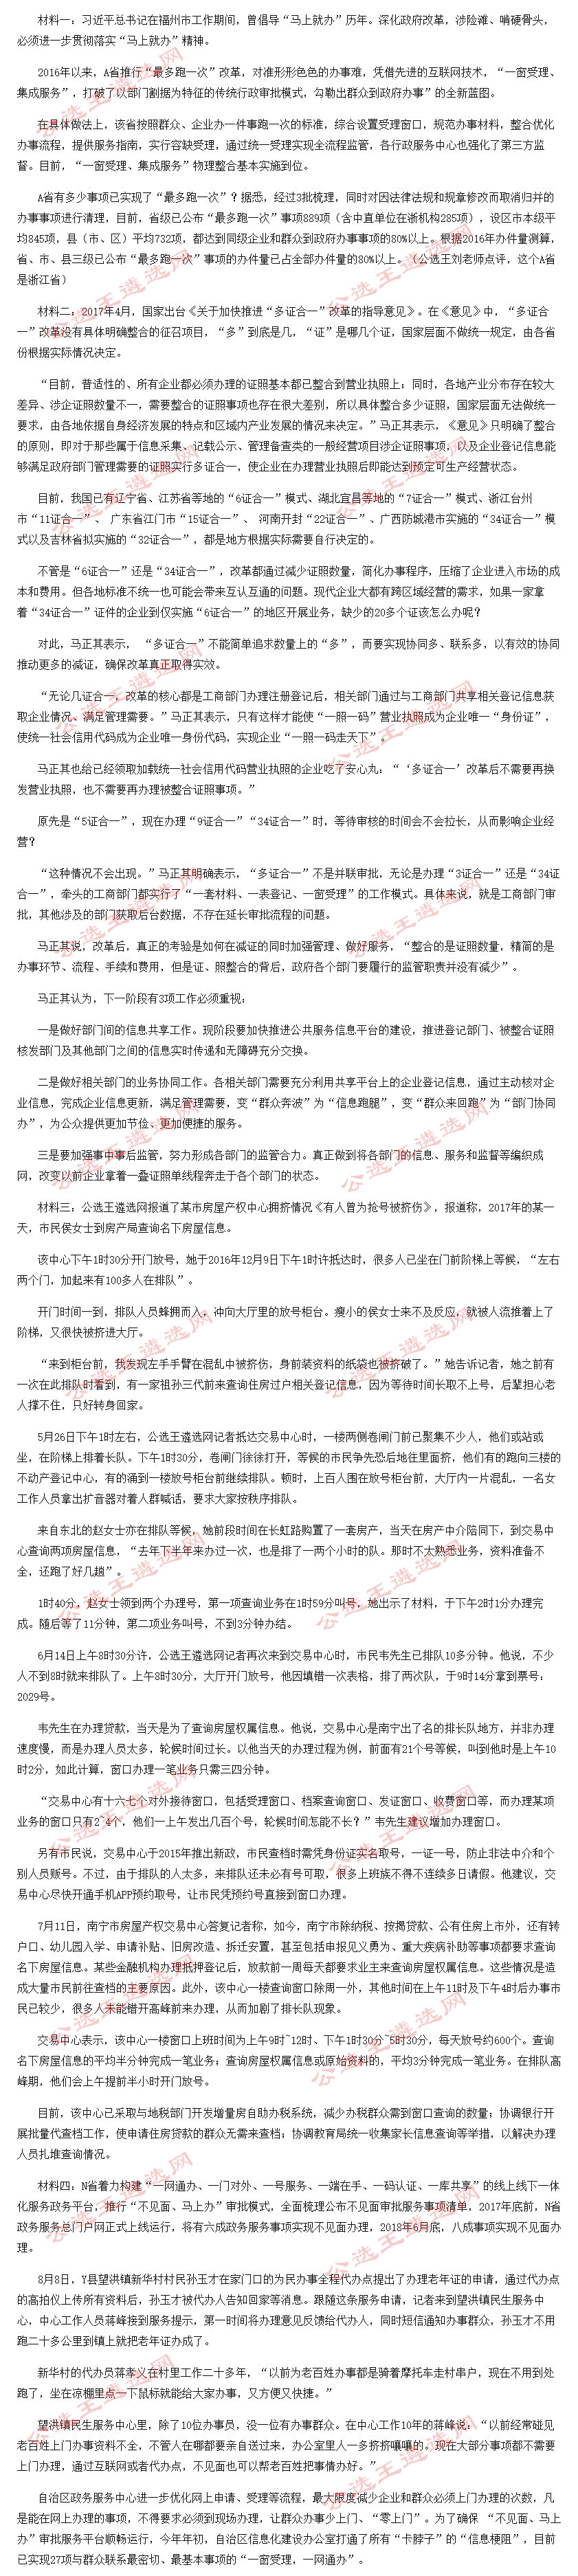 2017年广西区直遴选笔试题 第四题.jpg